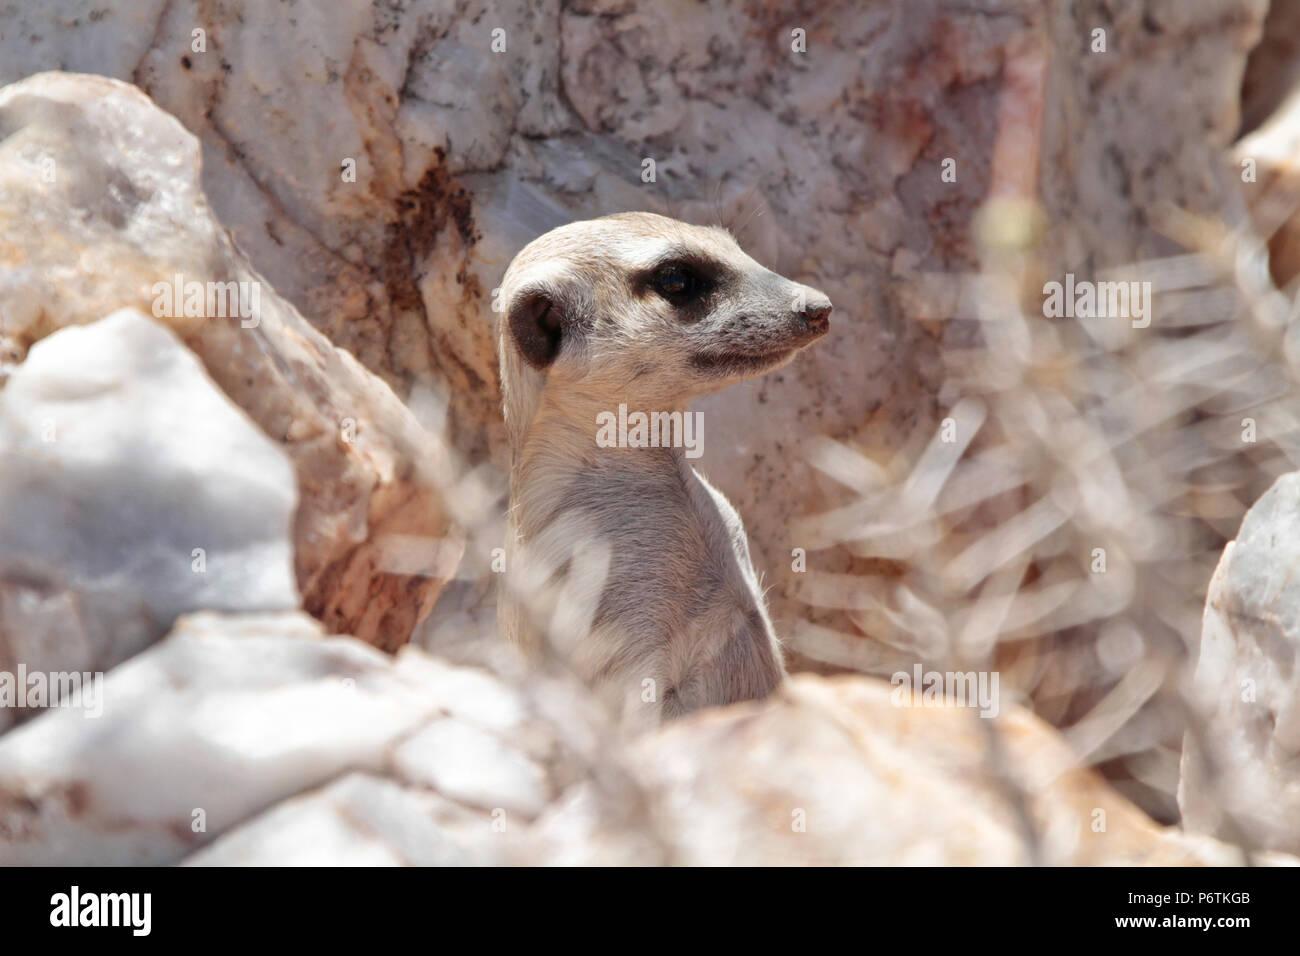 Meerkat or Suricat - Suricata suricatta - head showing, alert, from behind while quartz rocks. Kalahari Namibia - Stock Image